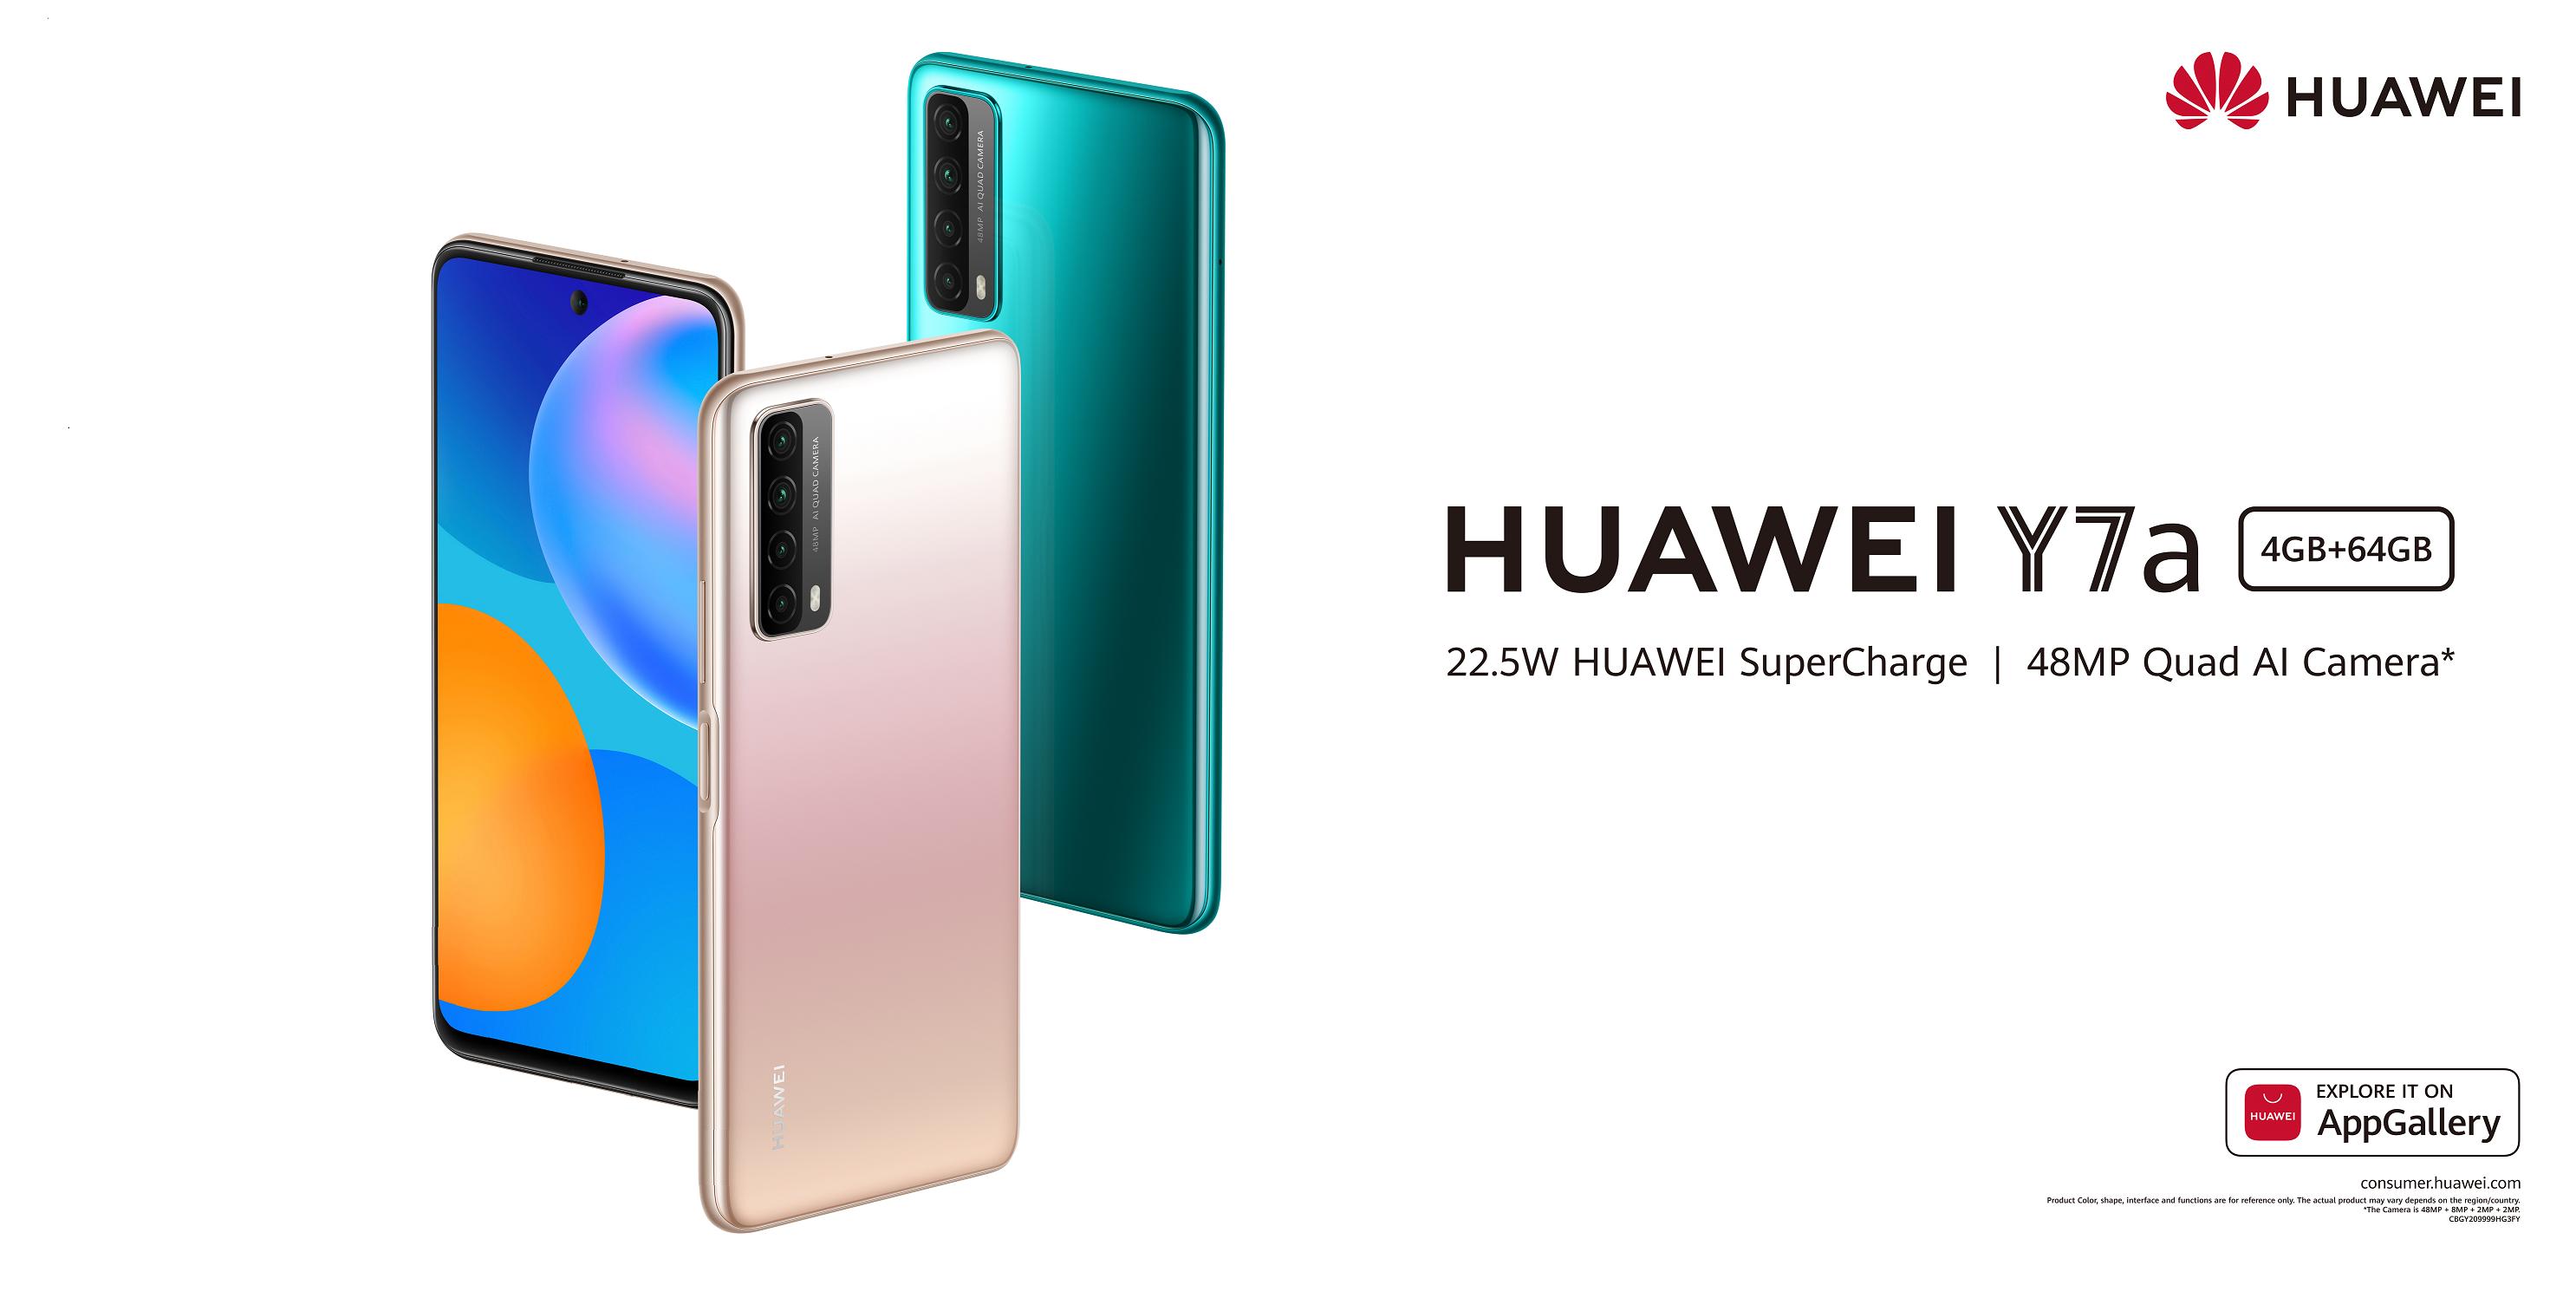 Huawei anuncia el lanzamiento del nuevo smartphone HUAWEI Y7a – Fandom